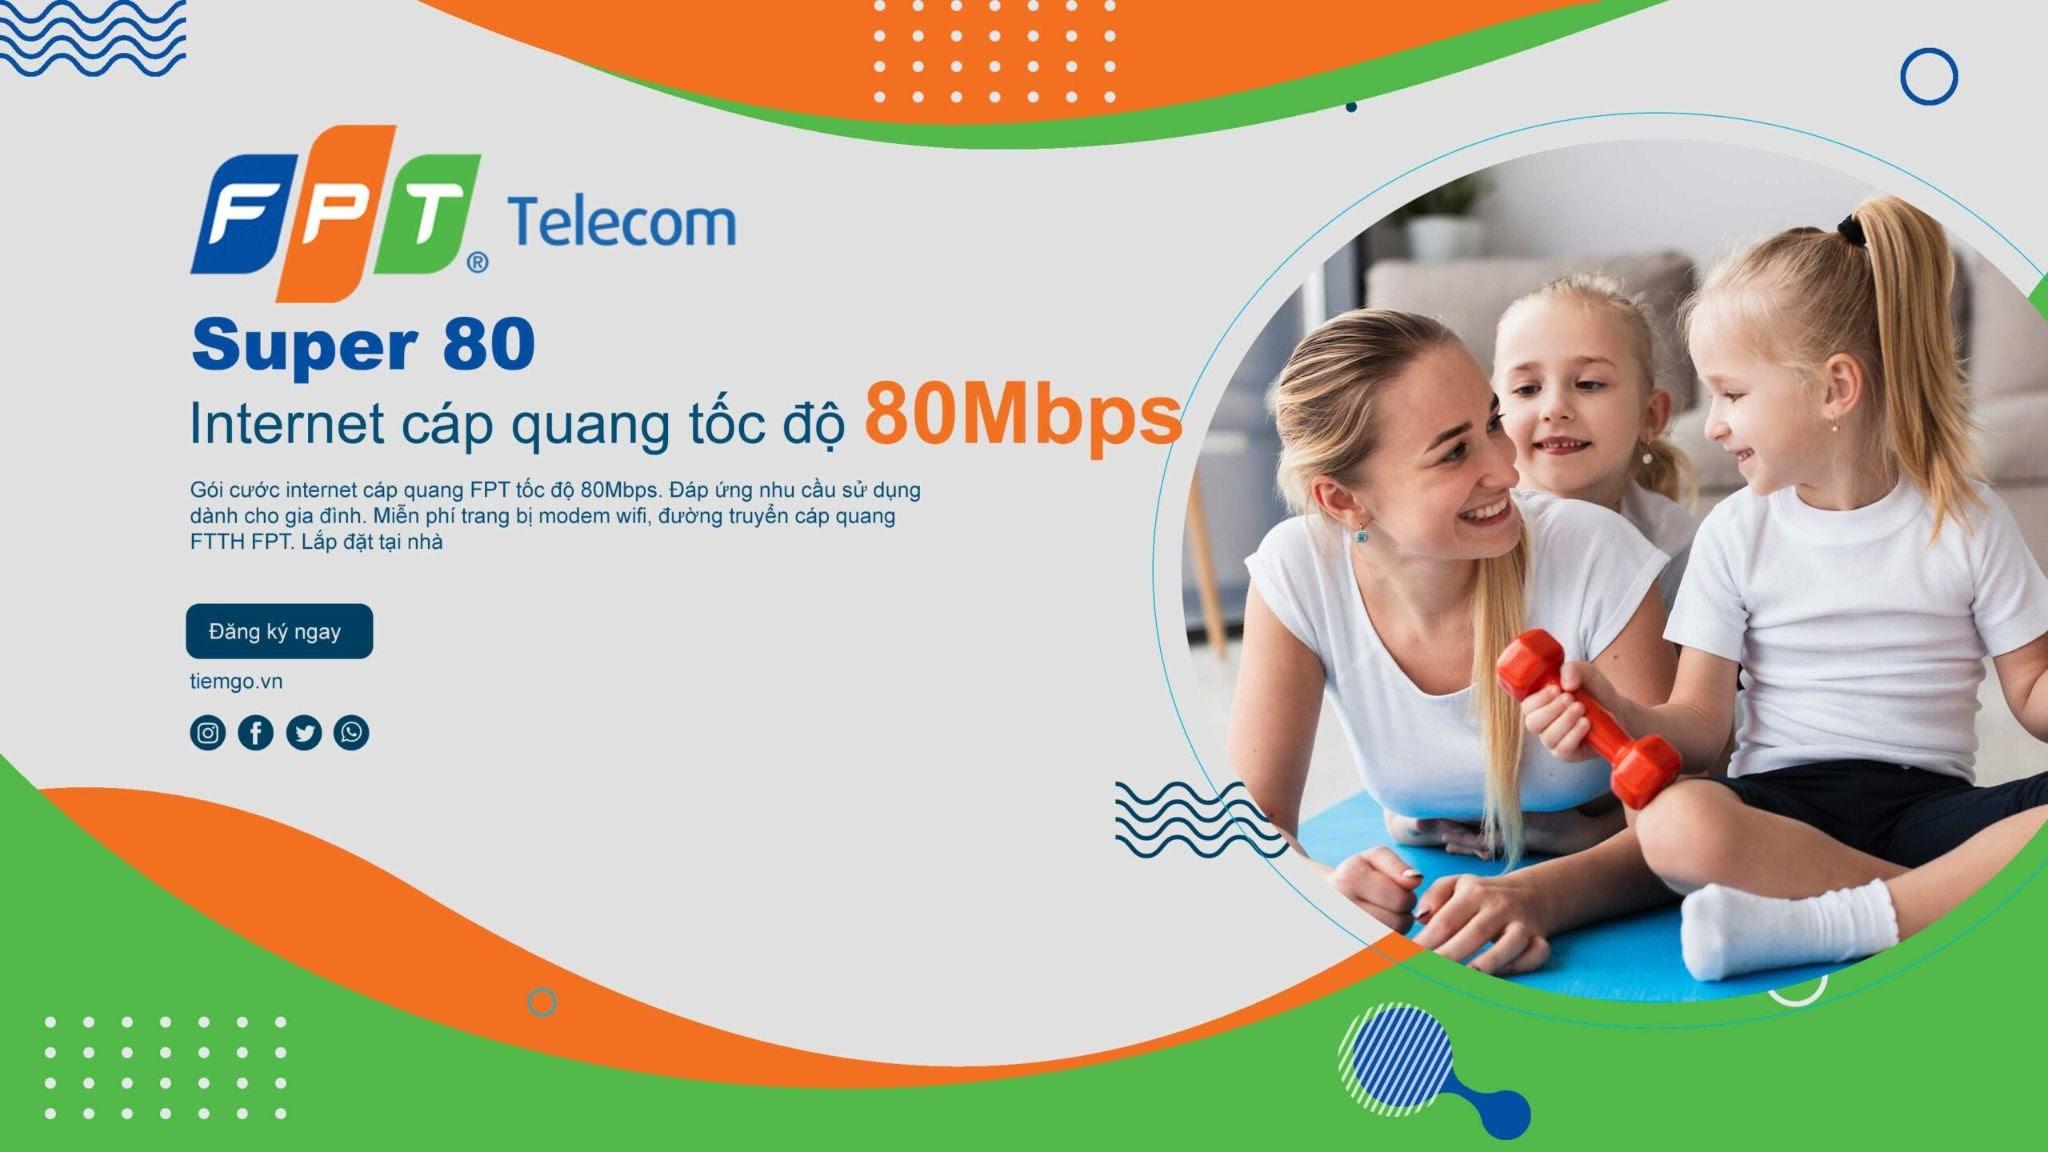 Super 80 là một trong những gói cước internet FPT rẻ nhất hiện nay